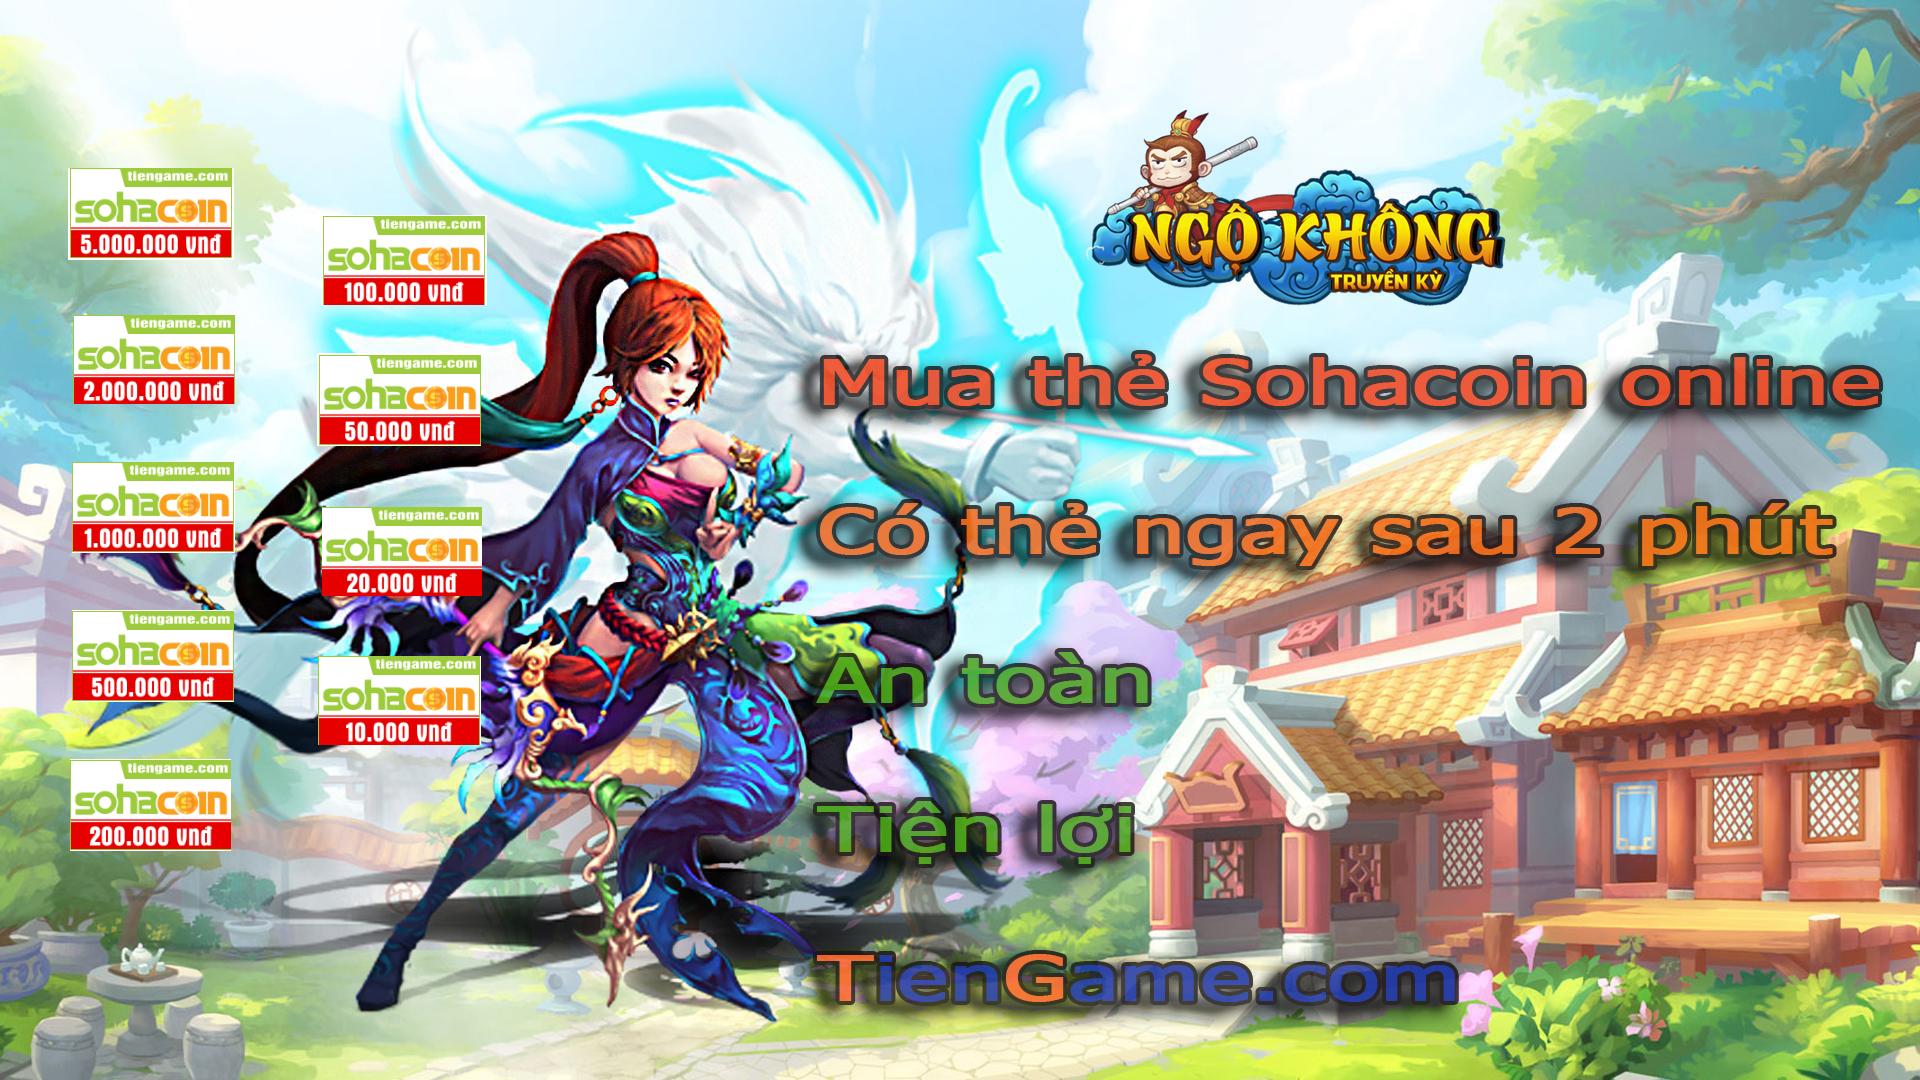 Mua thẻ Sohacoin và những điều  lưu ý khi mua sohacoin online